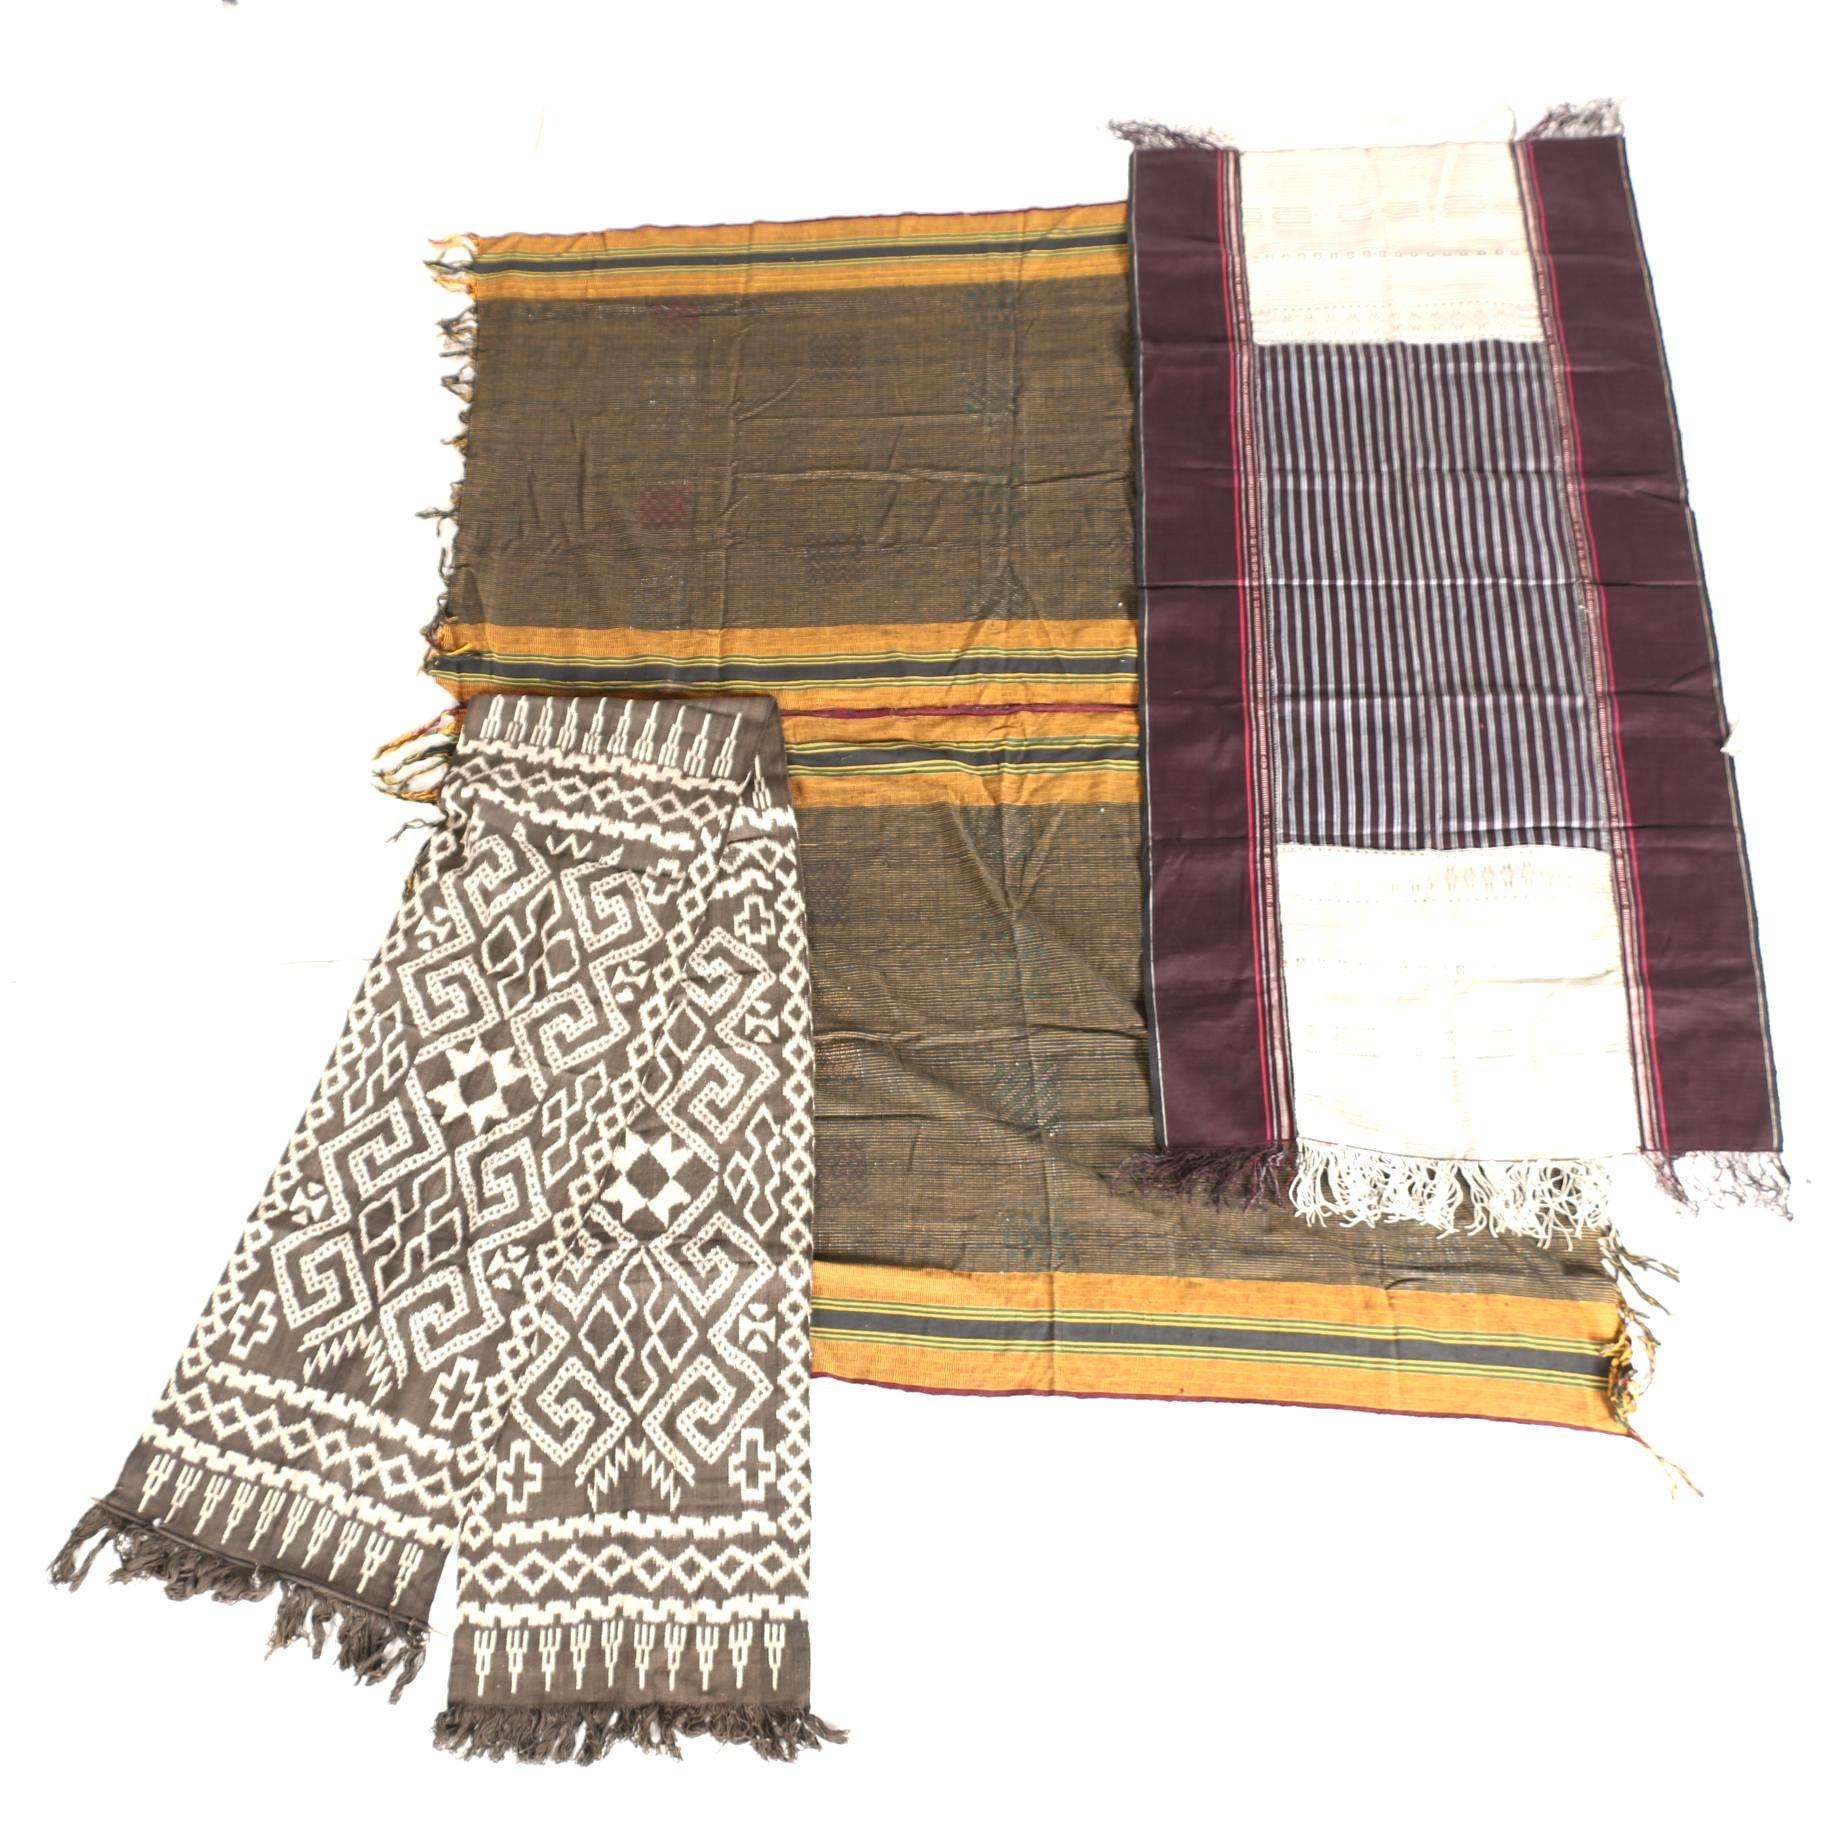 Handwoven African Textiles